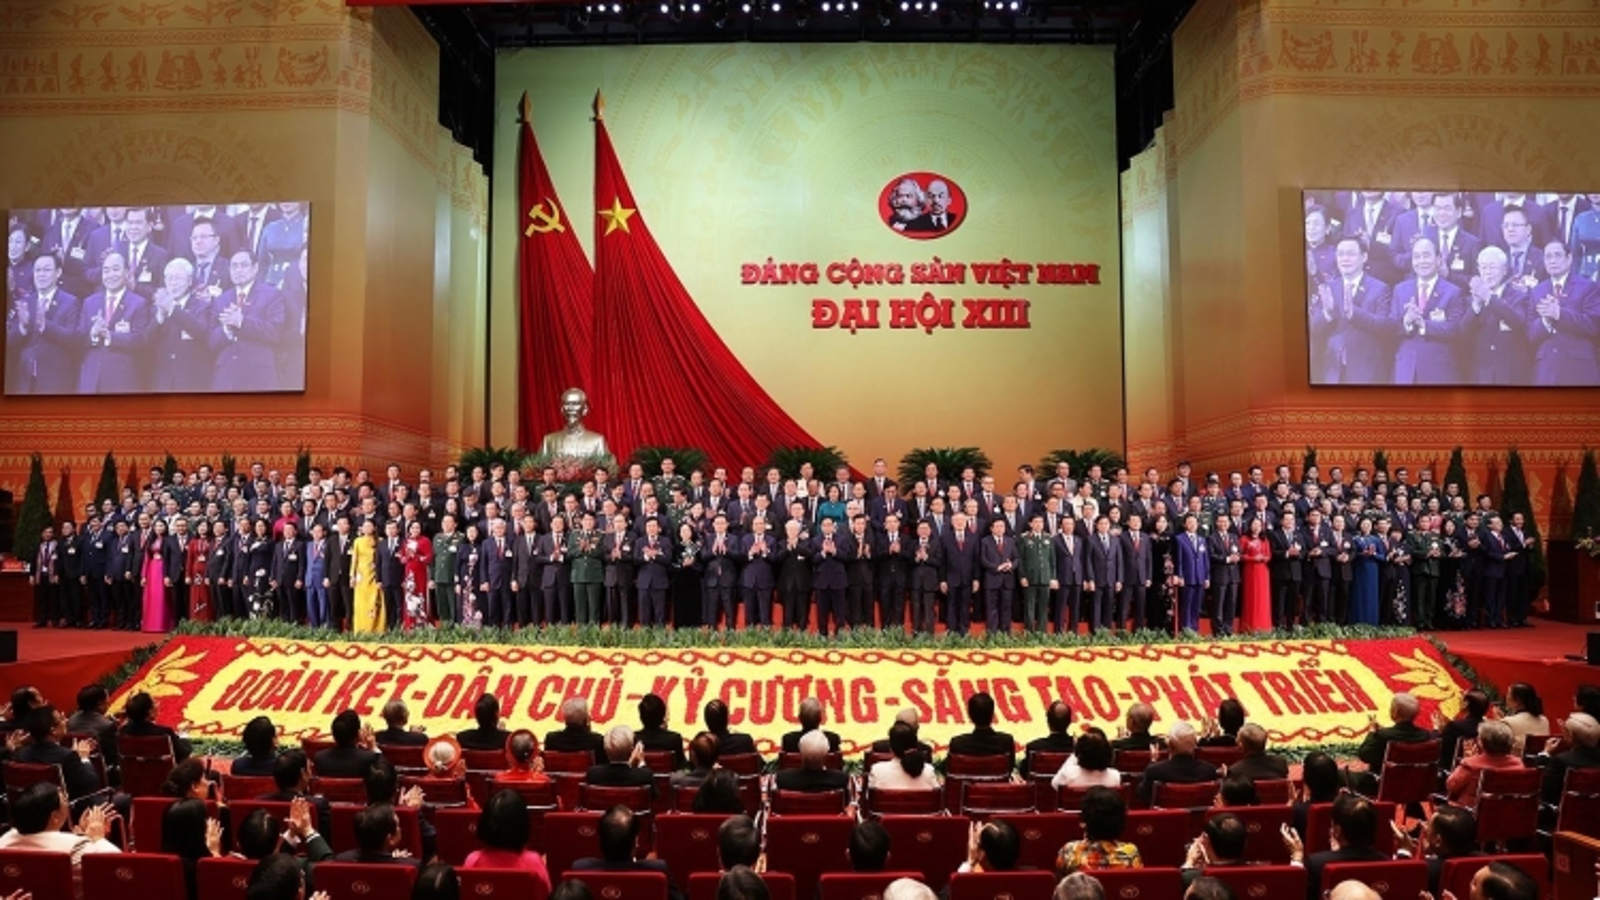 Đại hội XIII của Đảng thành công, nhân dân trông đợi những thành tựu mới của đất nước